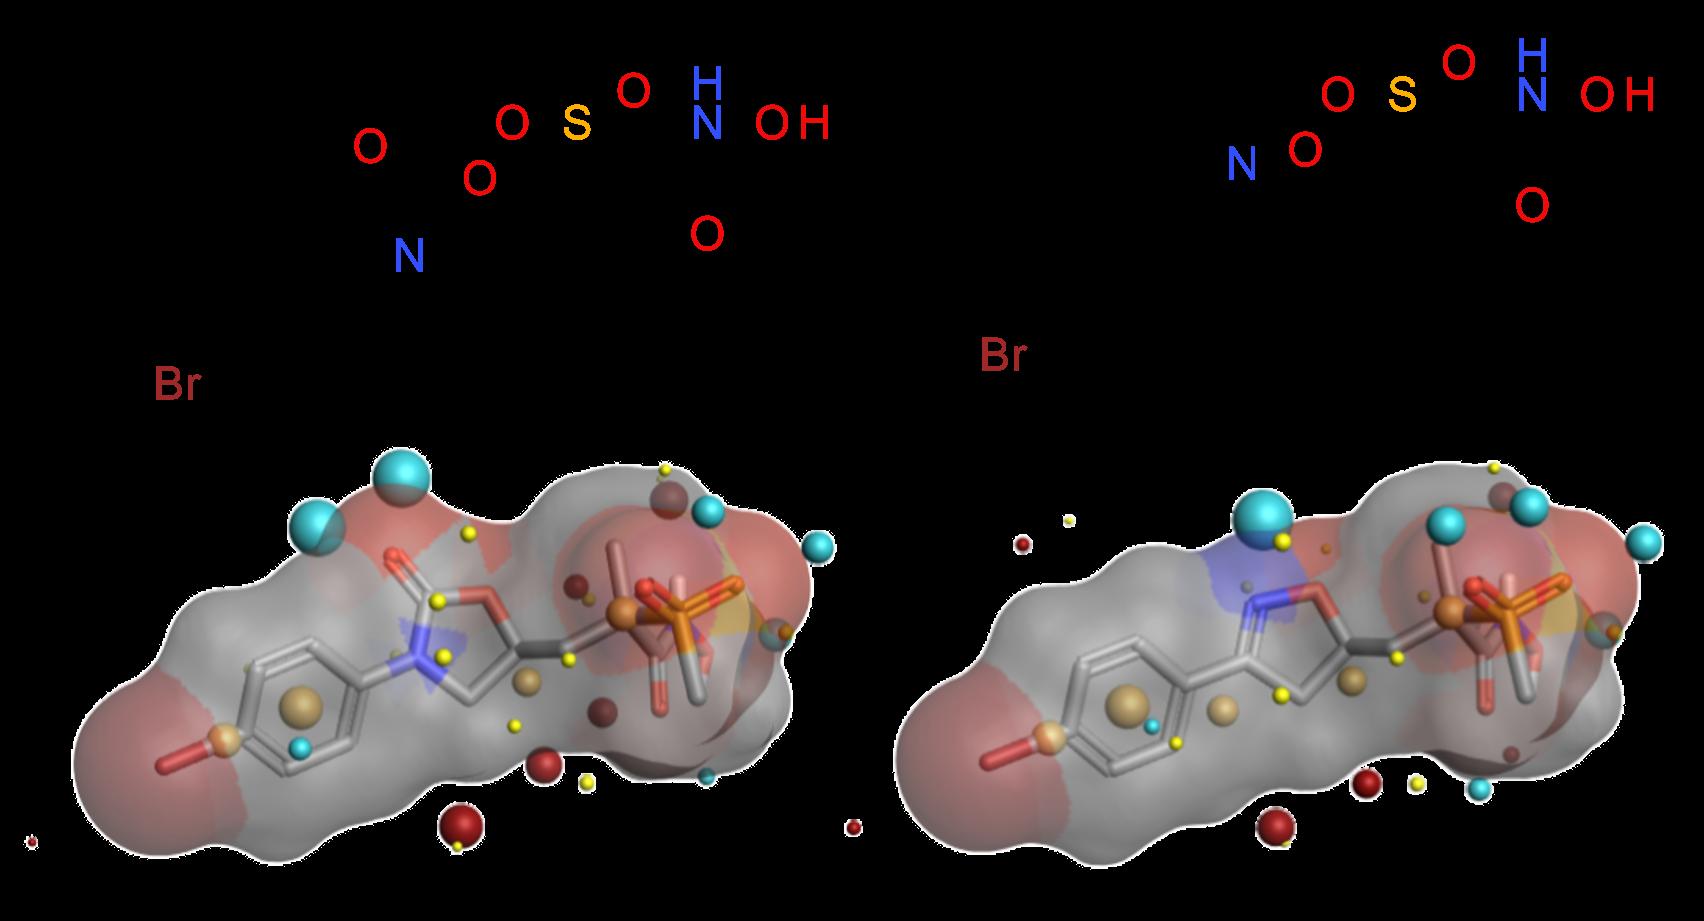 诺华生物医学研究院用SPARK发现全新的LpxC抑制剂